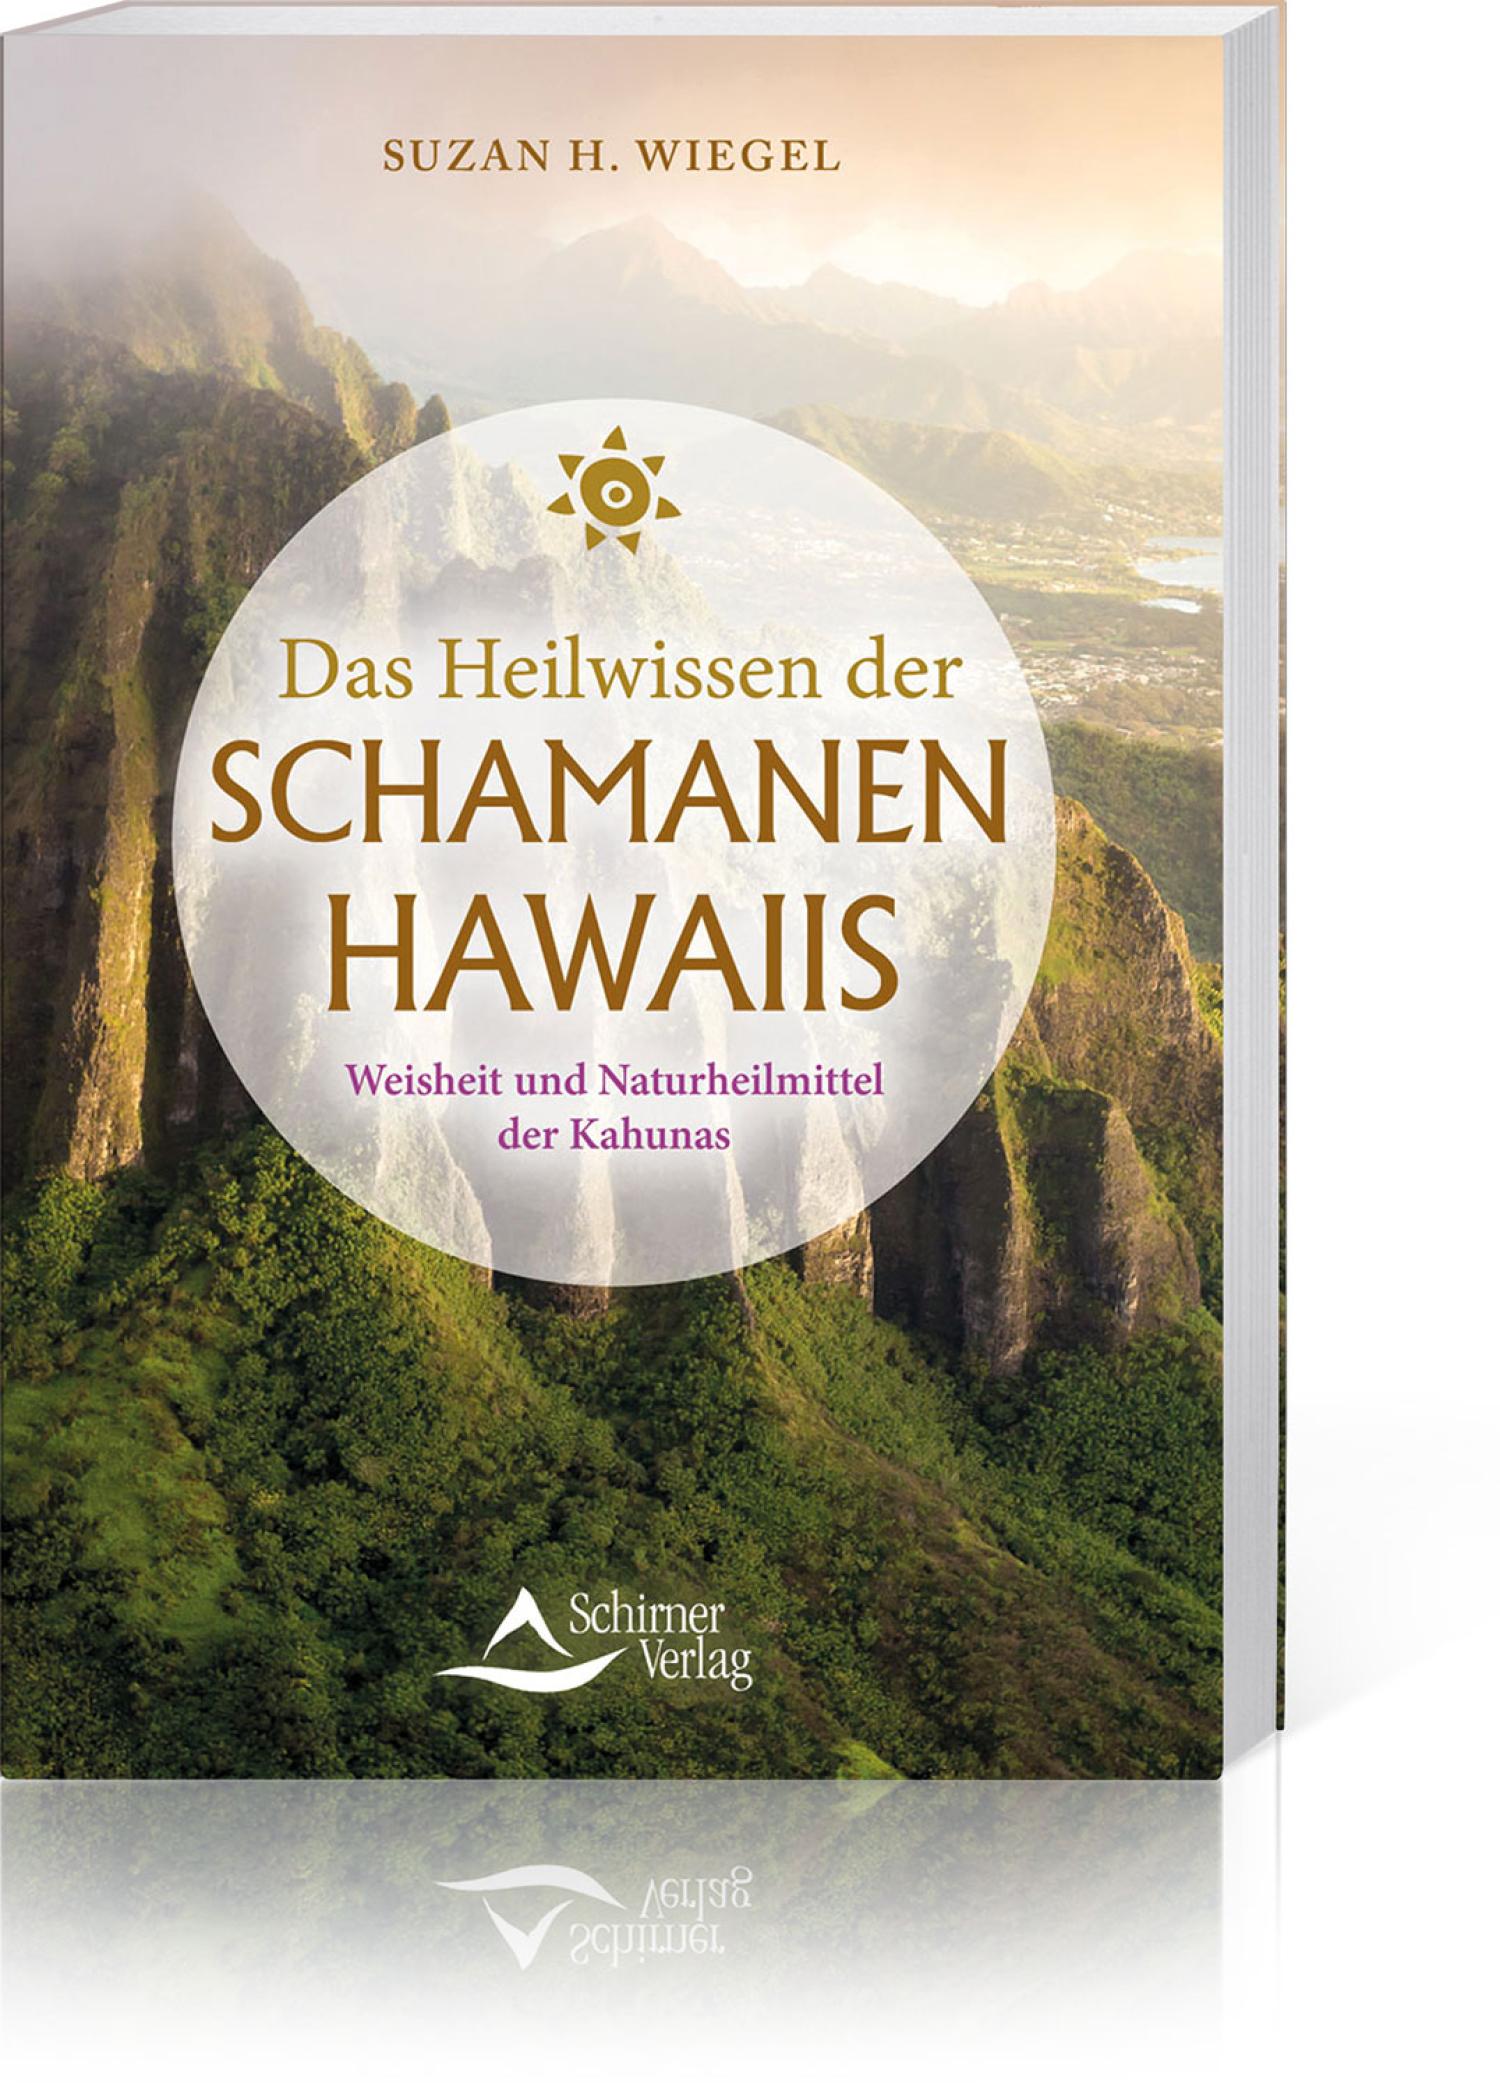 Das Heilwissen der Schamanen Hawaiis, Produktbild 1